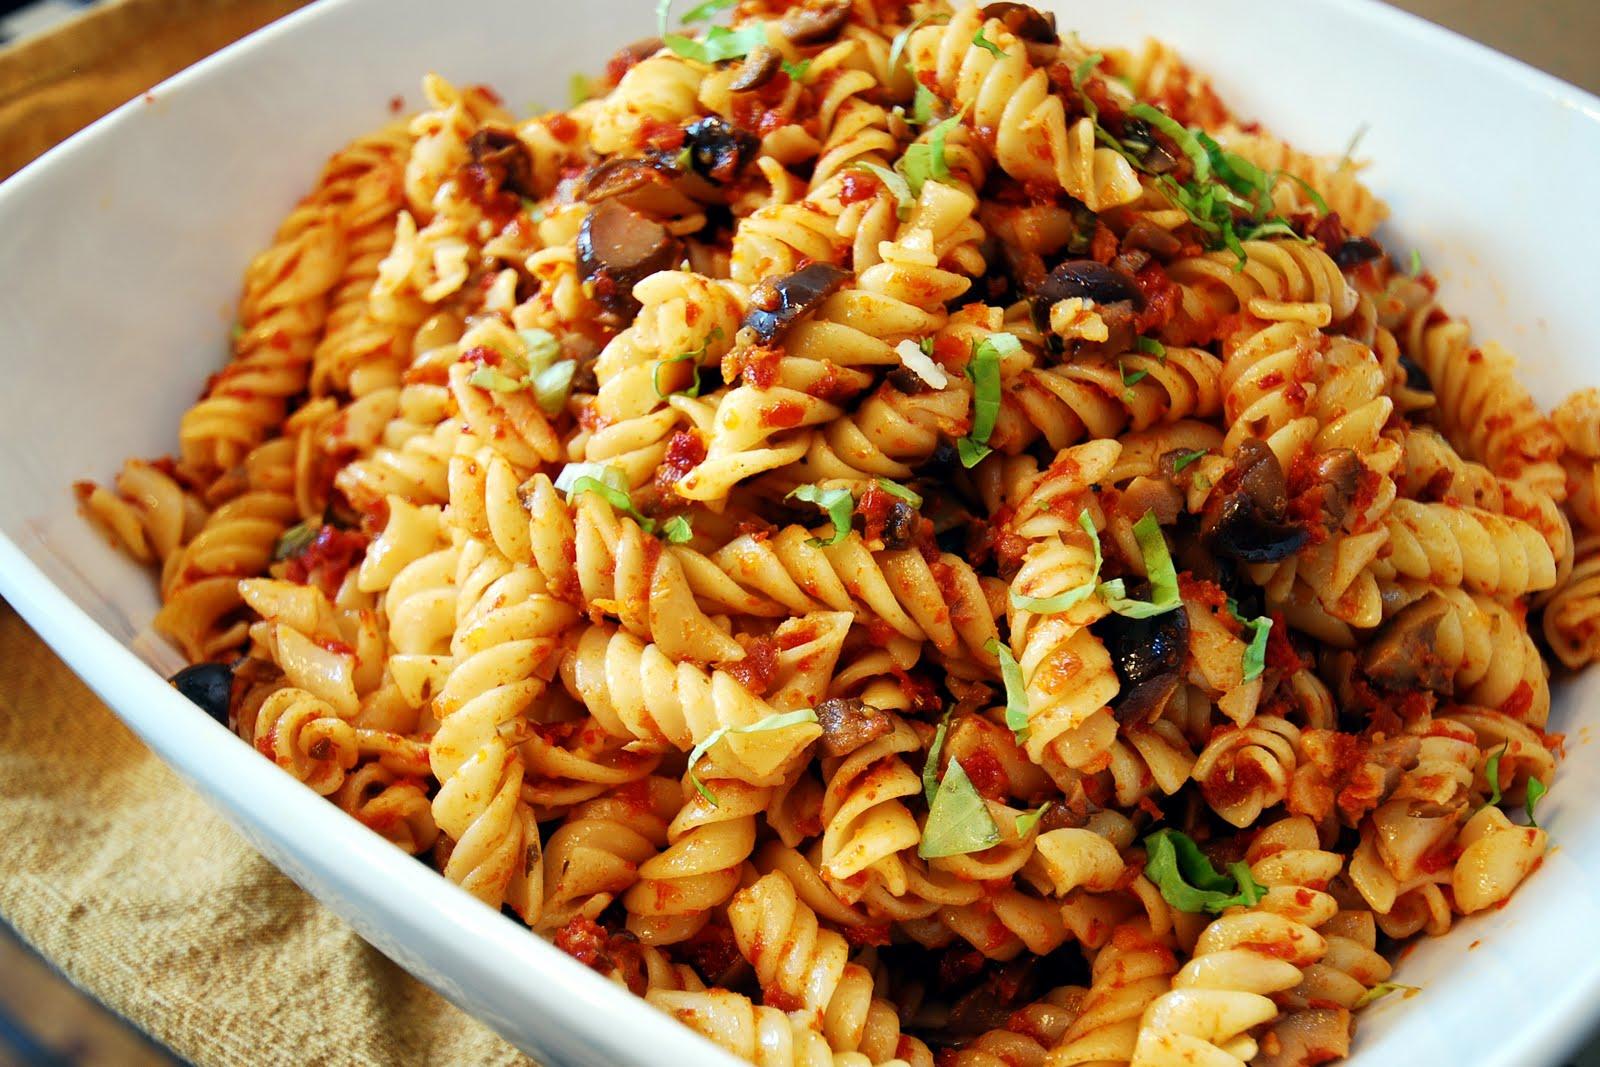 Recipe for tomato pasta salad